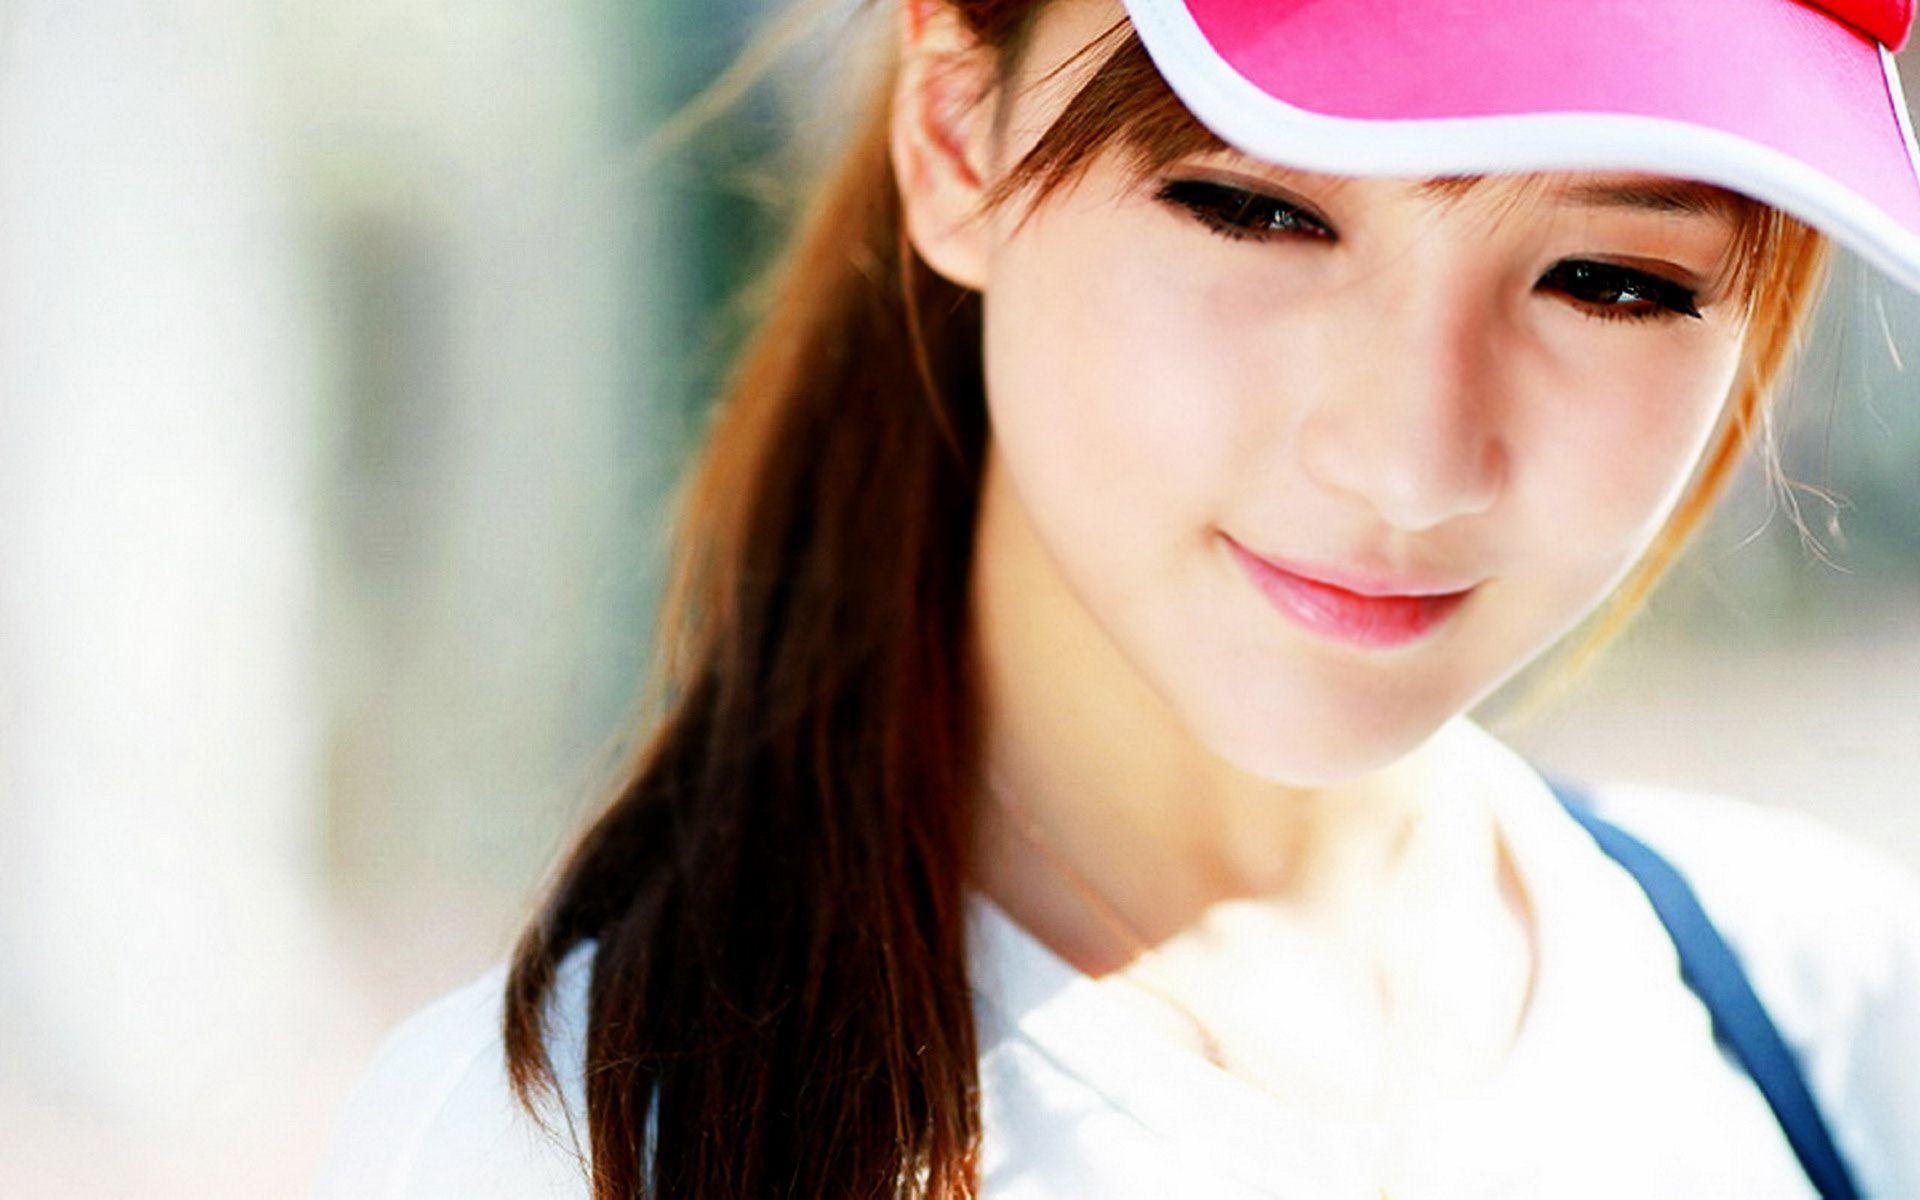 Cute girl wallpapers hd pixelstalk net